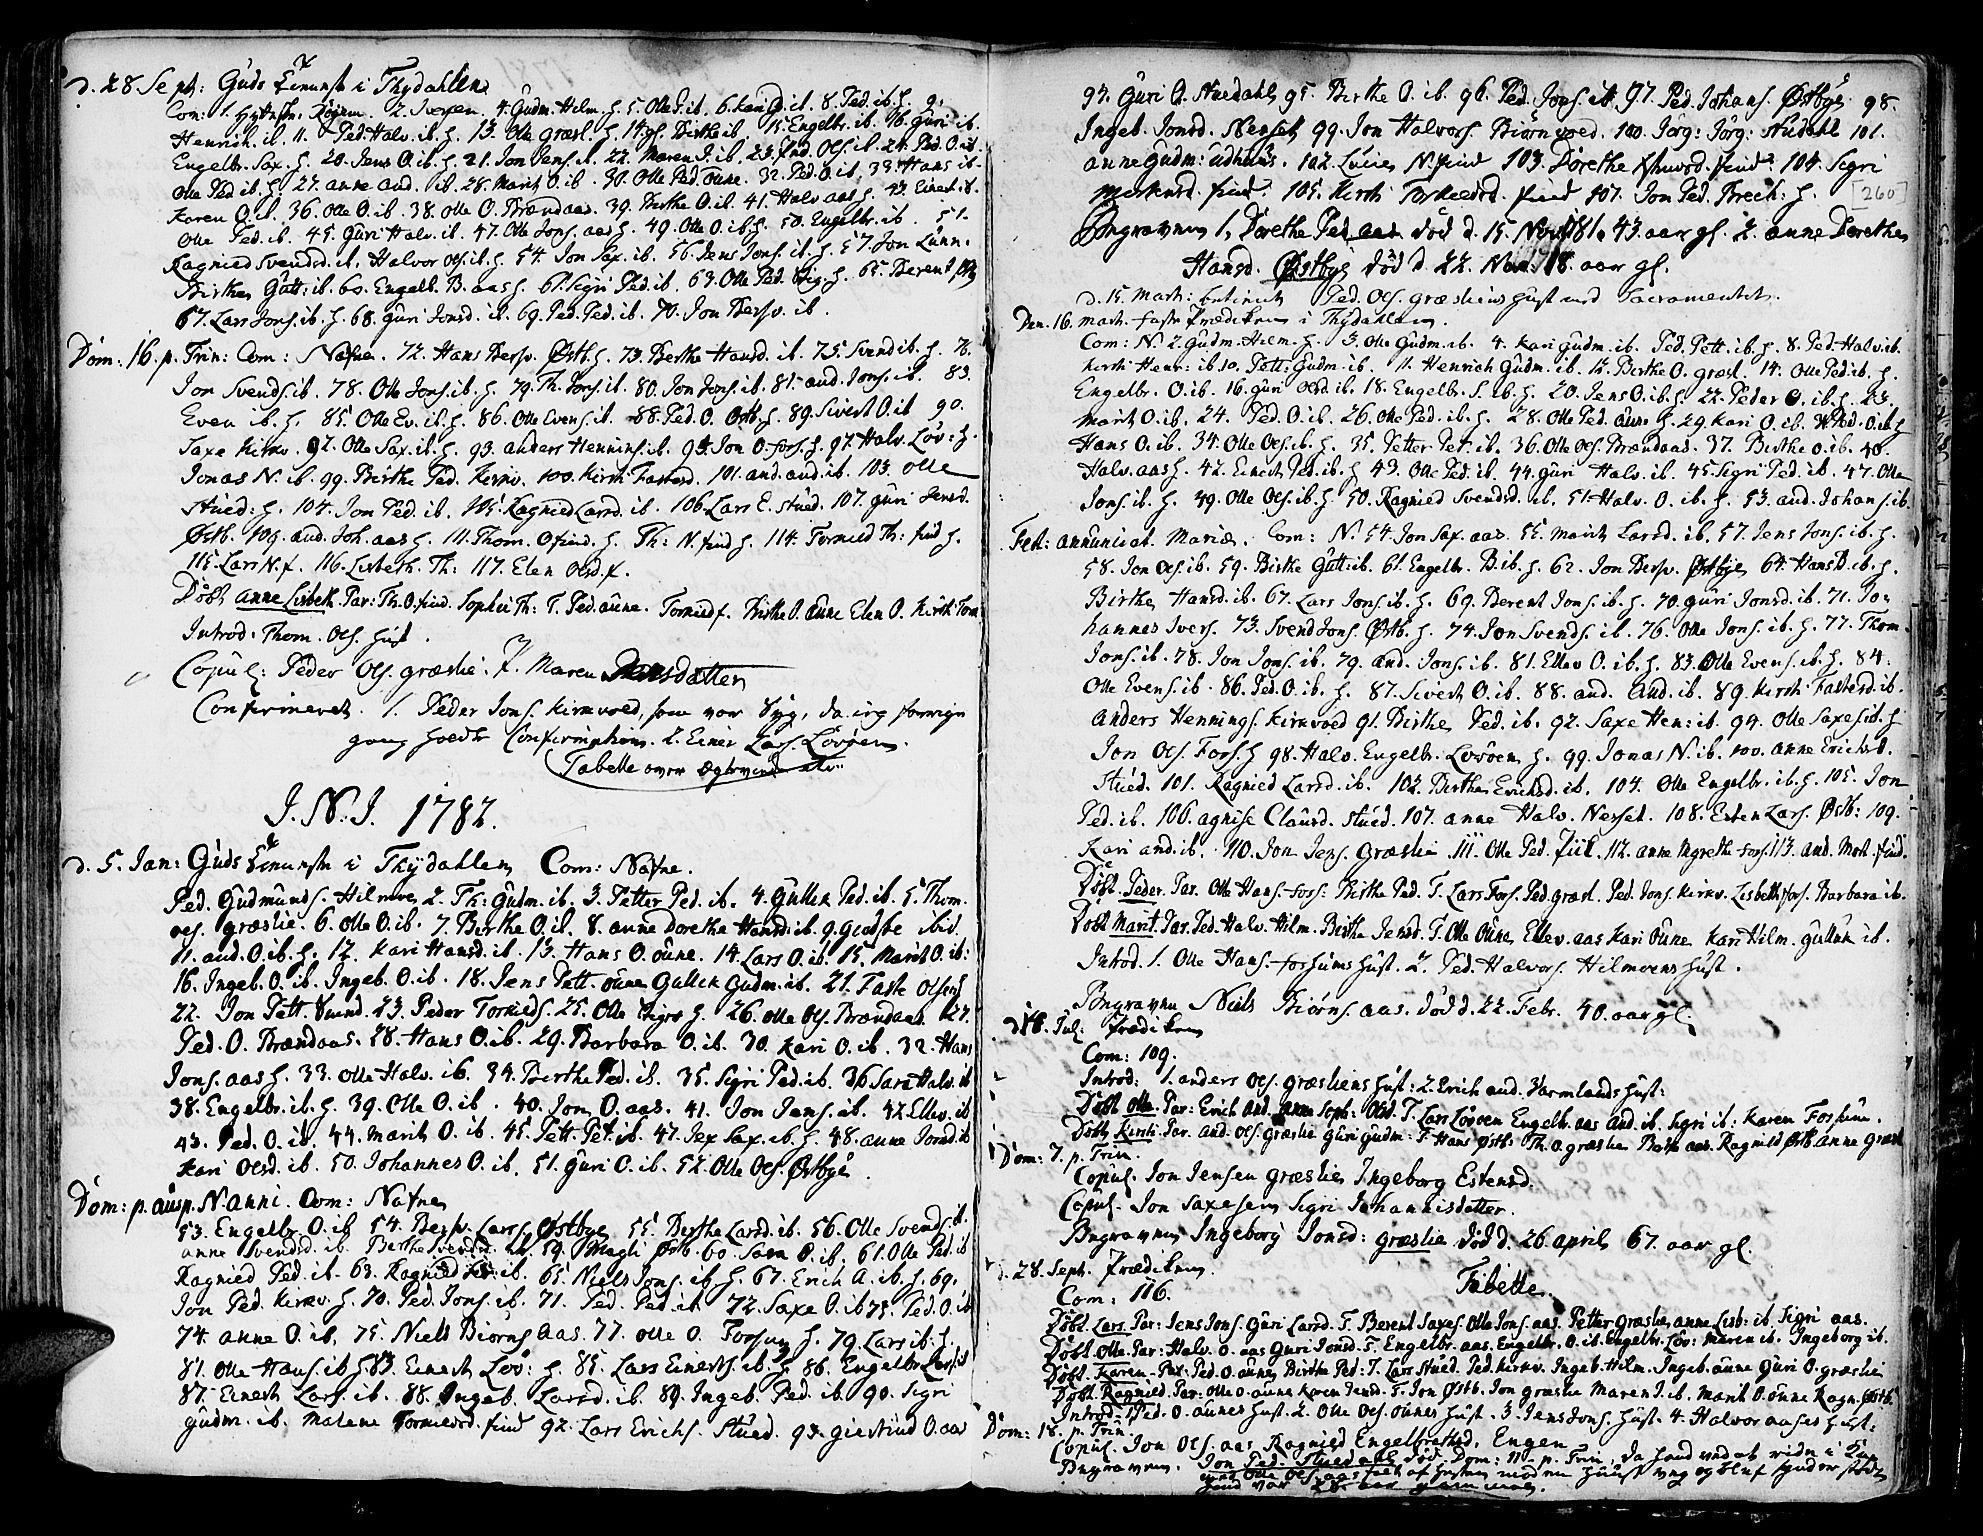 SAT, Ministerialprotokoller, klokkerbøker og fødselsregistre - Sør-Trøndelag, 695/L1139: Ministerialbok nr. 695A02 /2, 1776-1790, s. 260